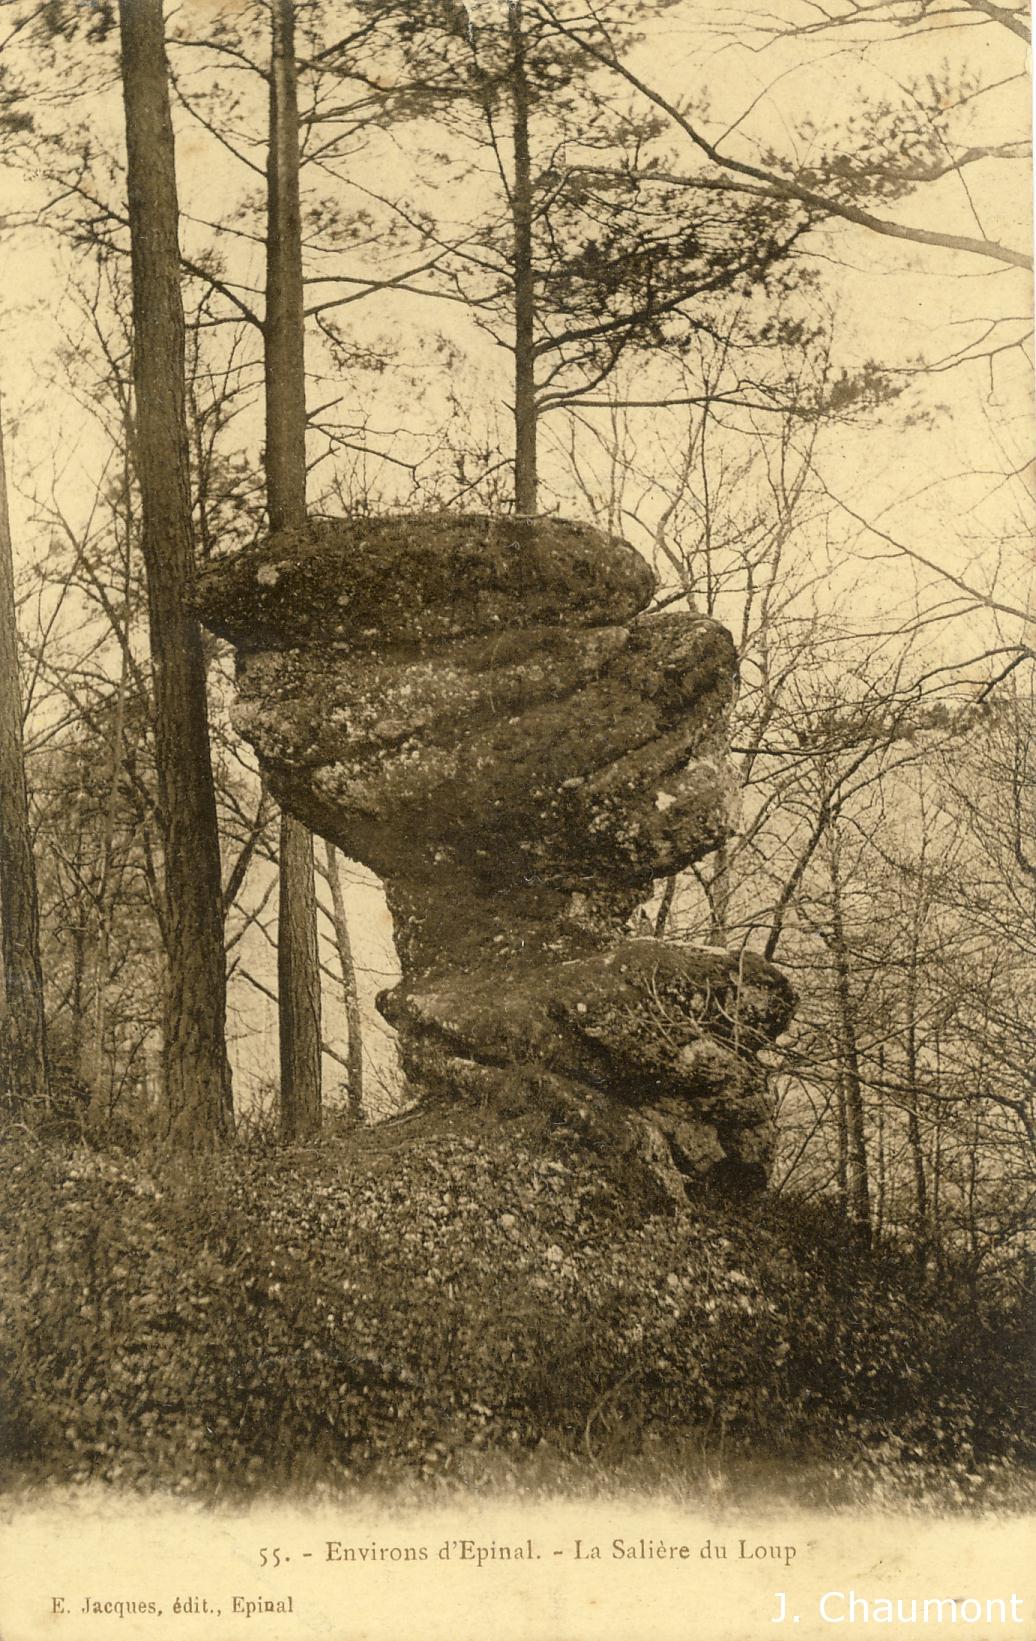 La Salière du Loup vers 1907